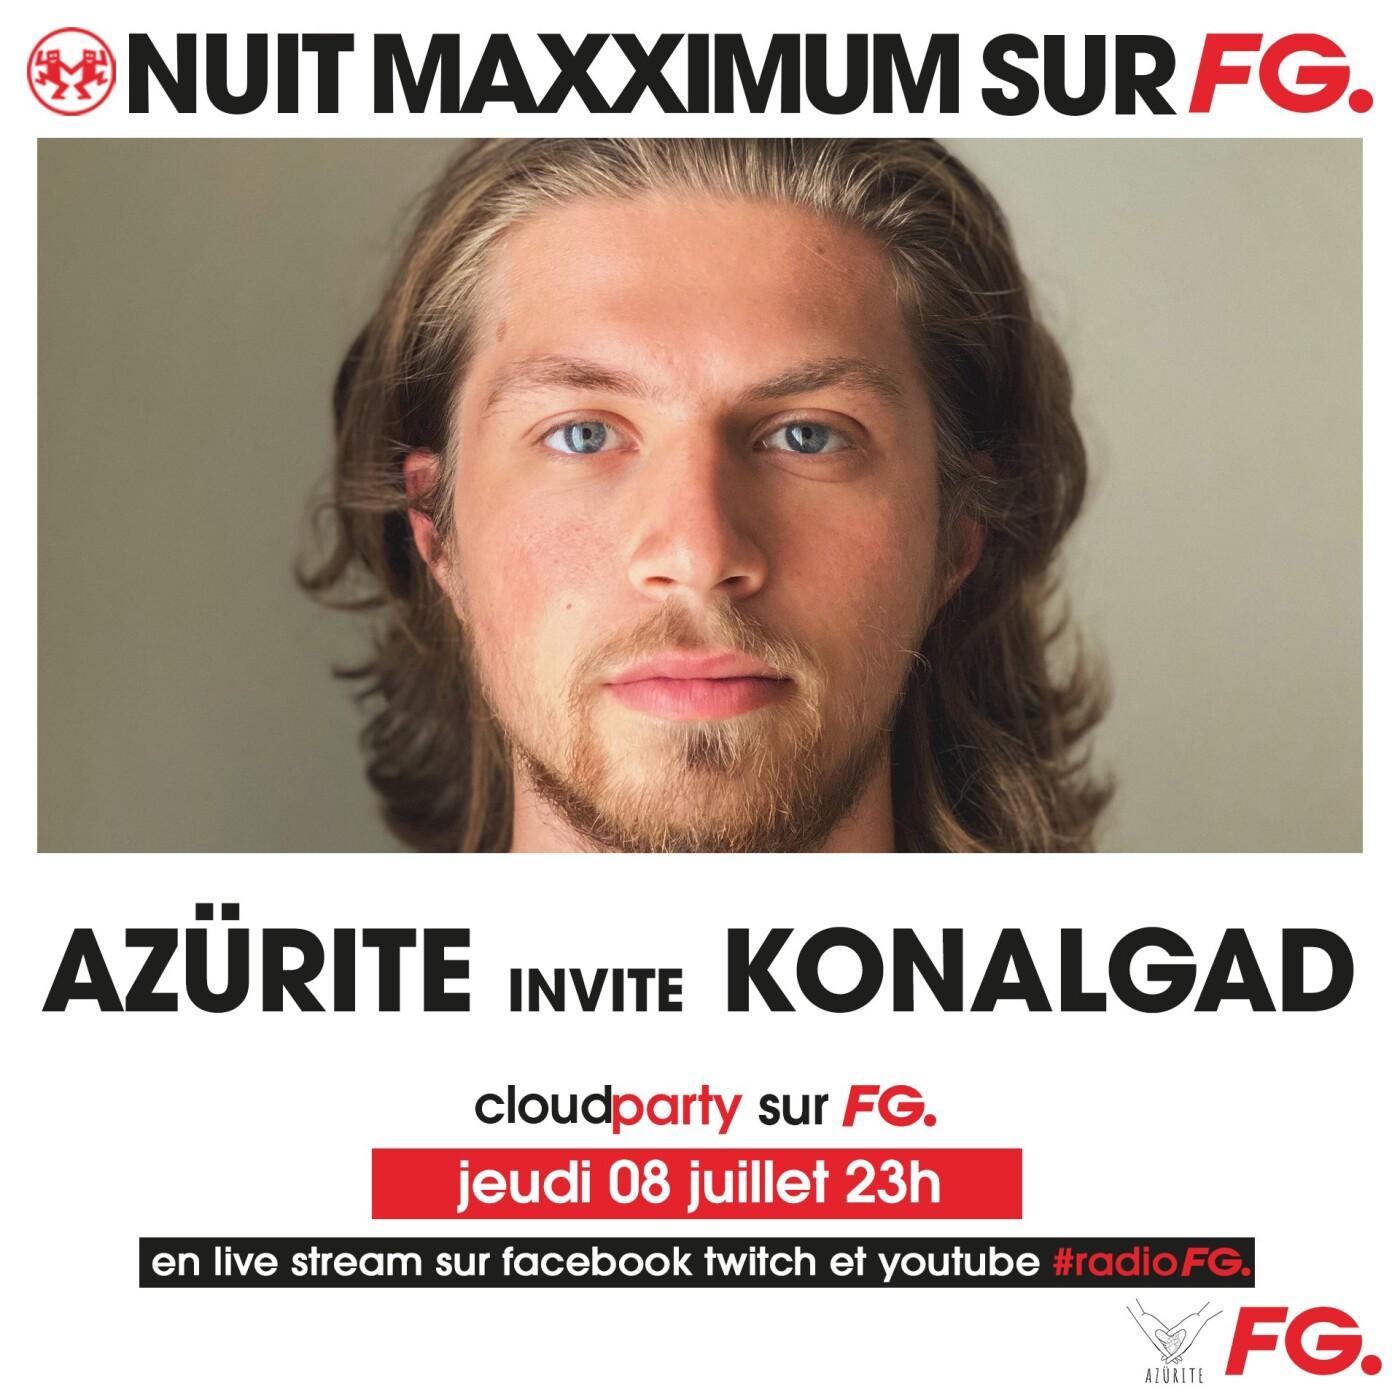 LA NUIT MAXXIMUM SUR FG : KONALGAD